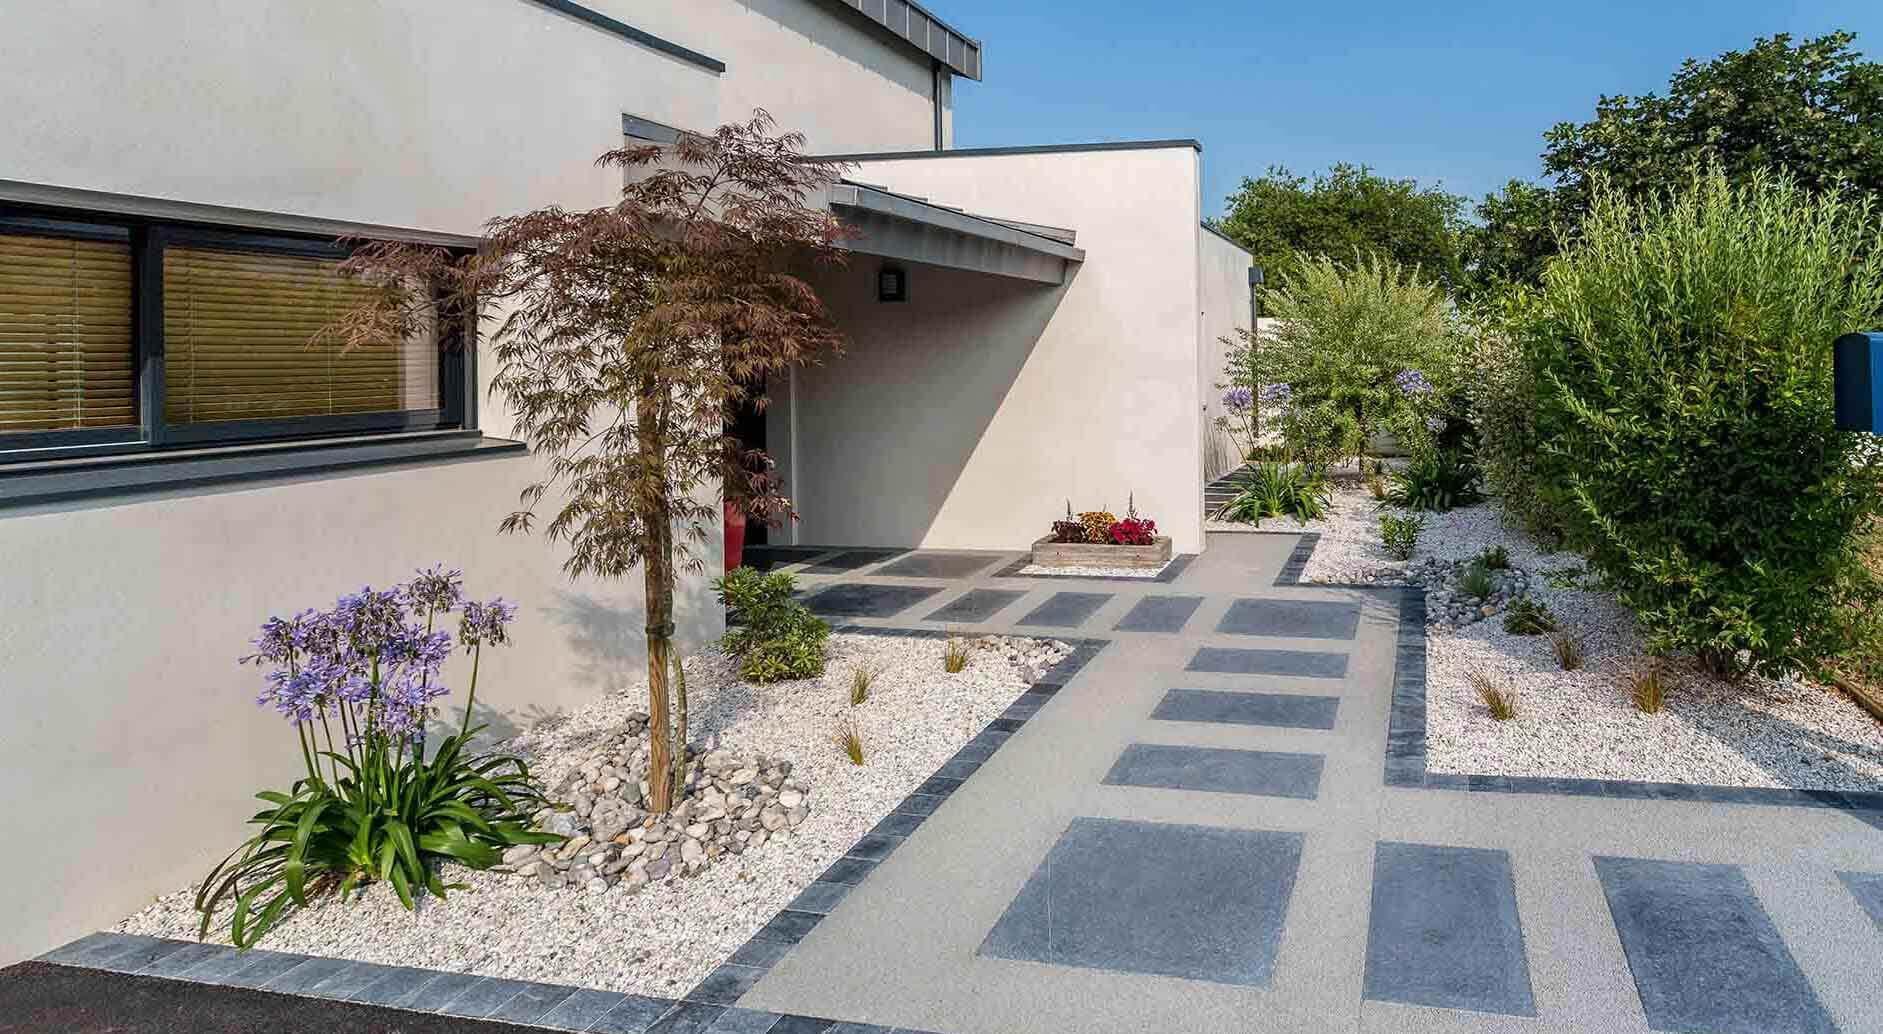 Aménagement Extérieur Entrée Maison réalisations de jardin et aménagement d'extérieur en vendée